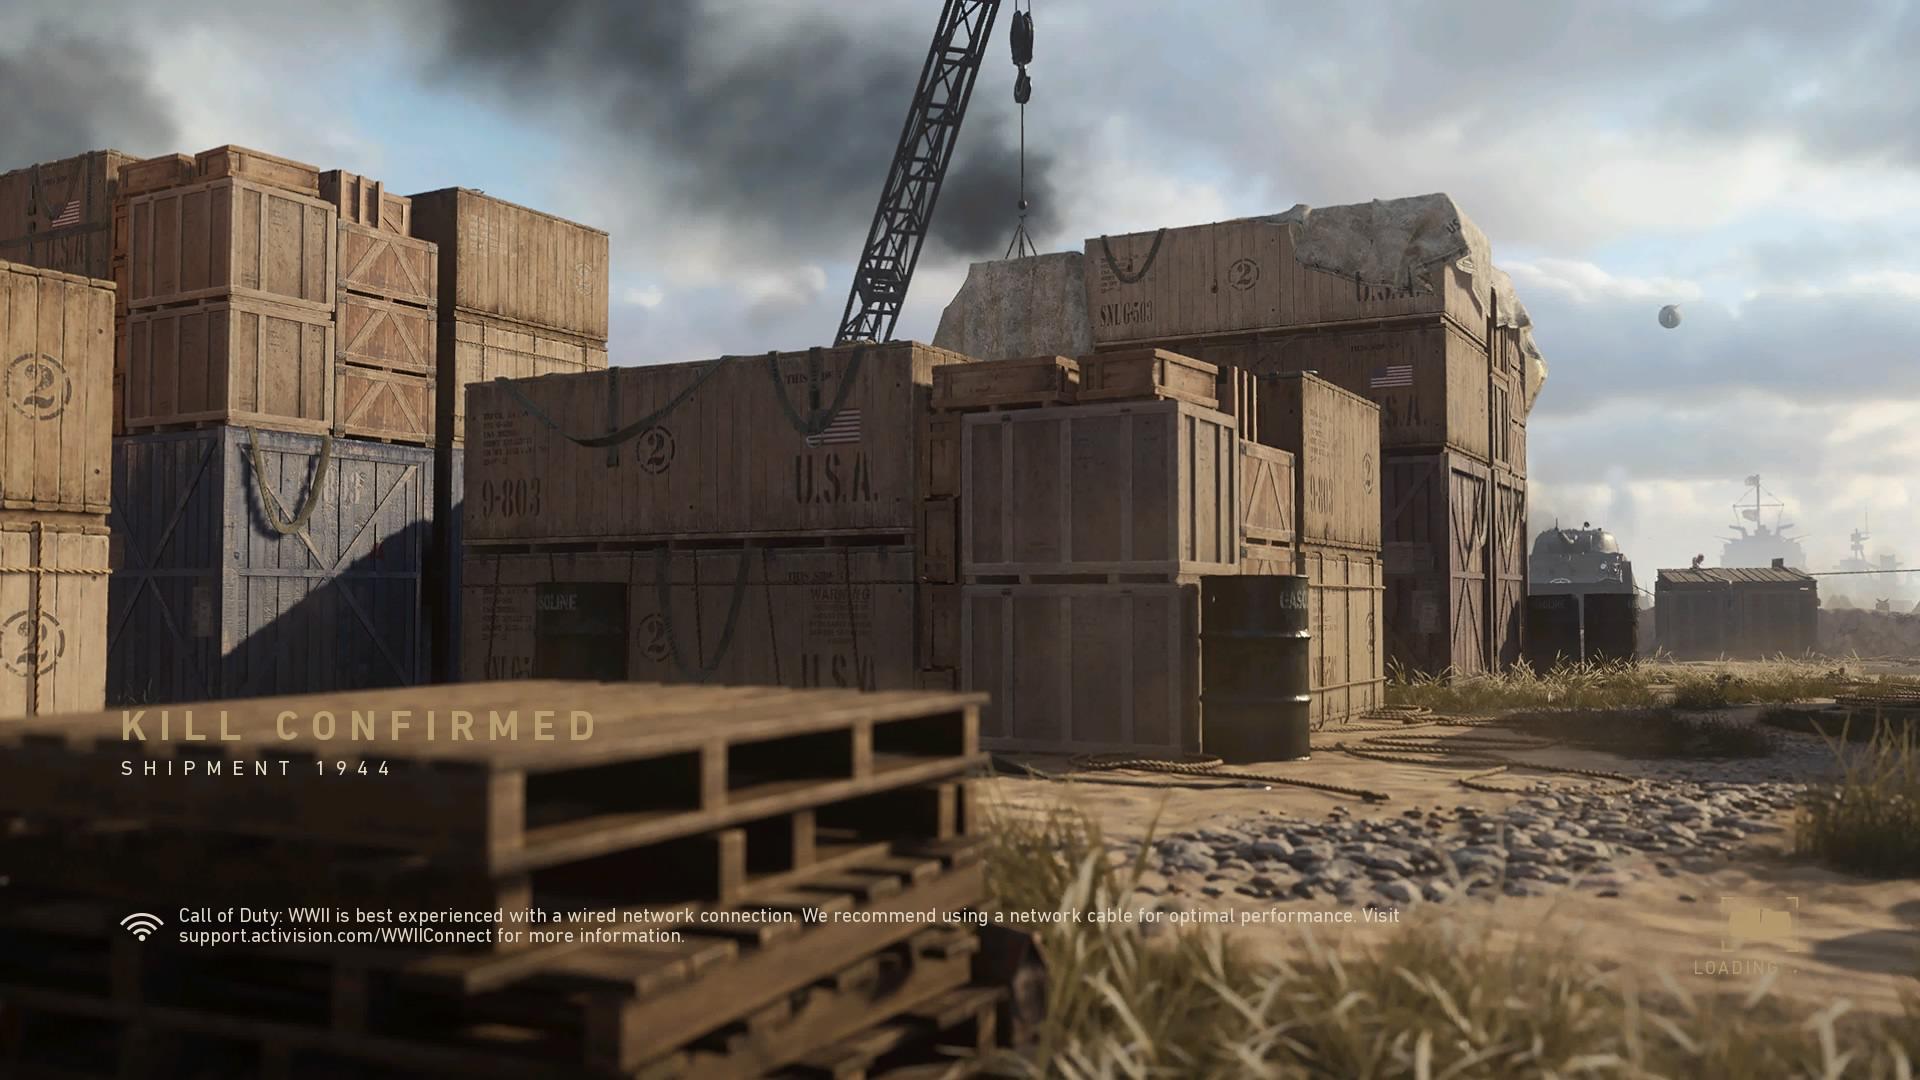 رویداد جدید عنوان Call of Duty: WWII معرفی شد | Operation Shamrock and Awe